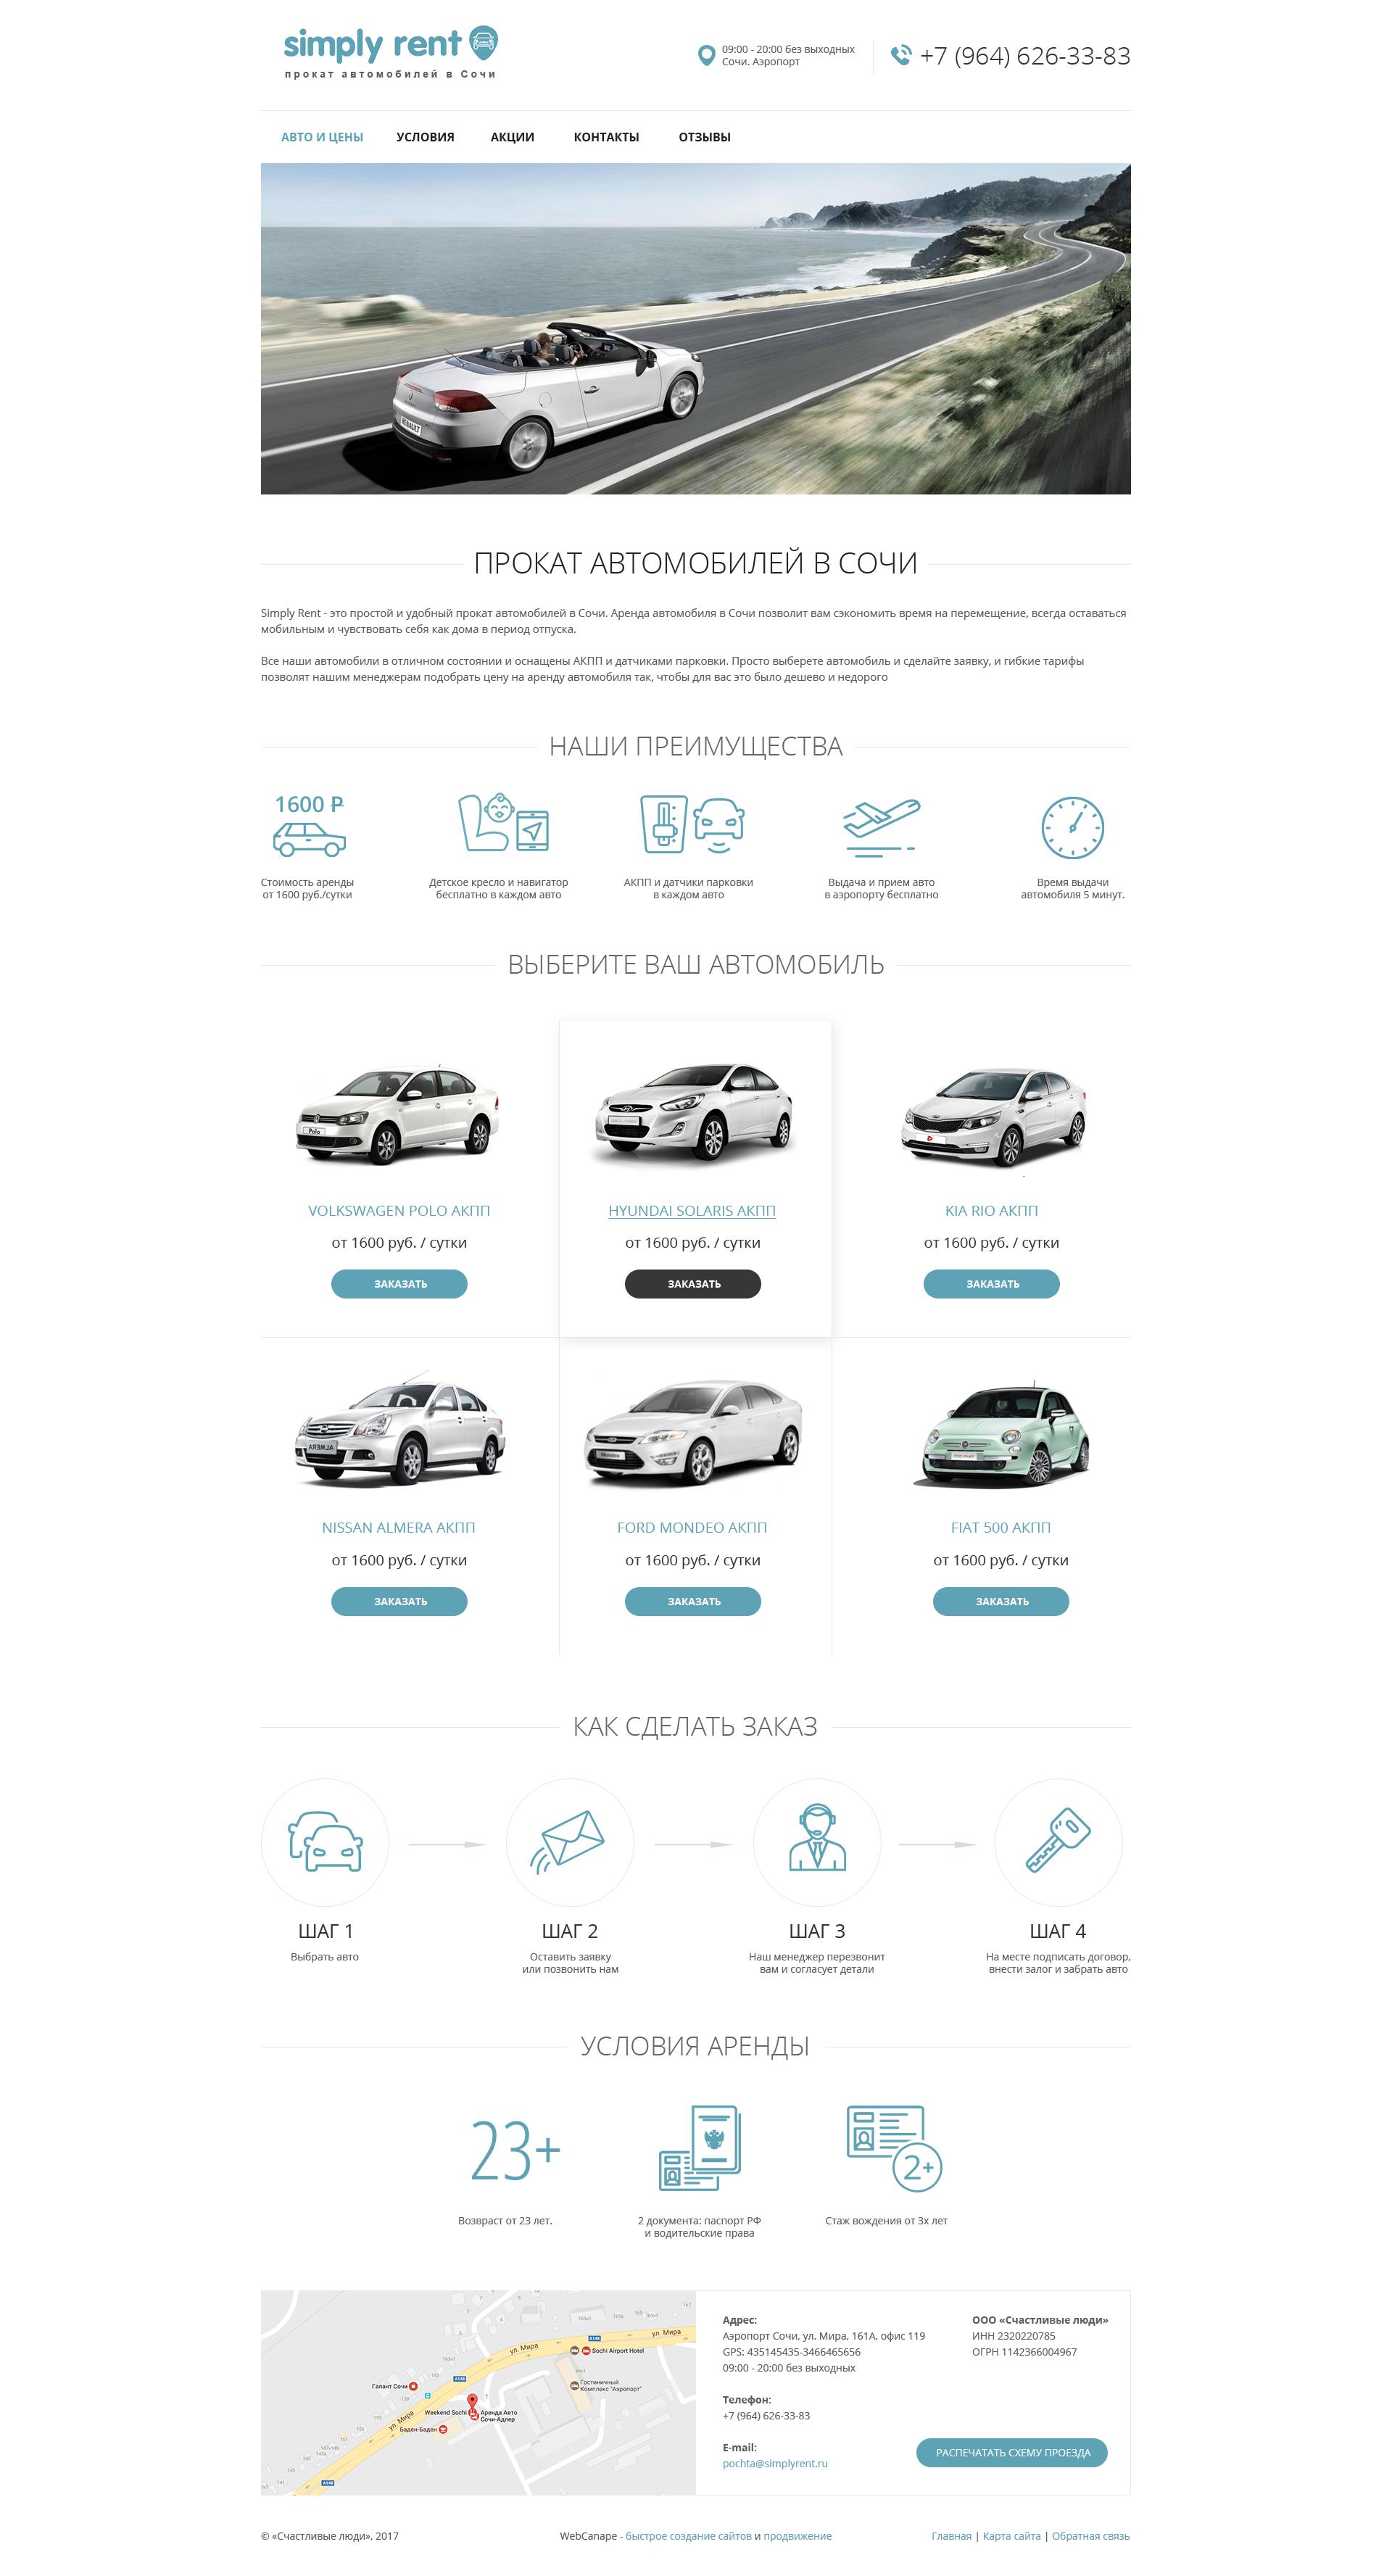 Сайт аренды автомобилей autoprokat-simplyrent.ru